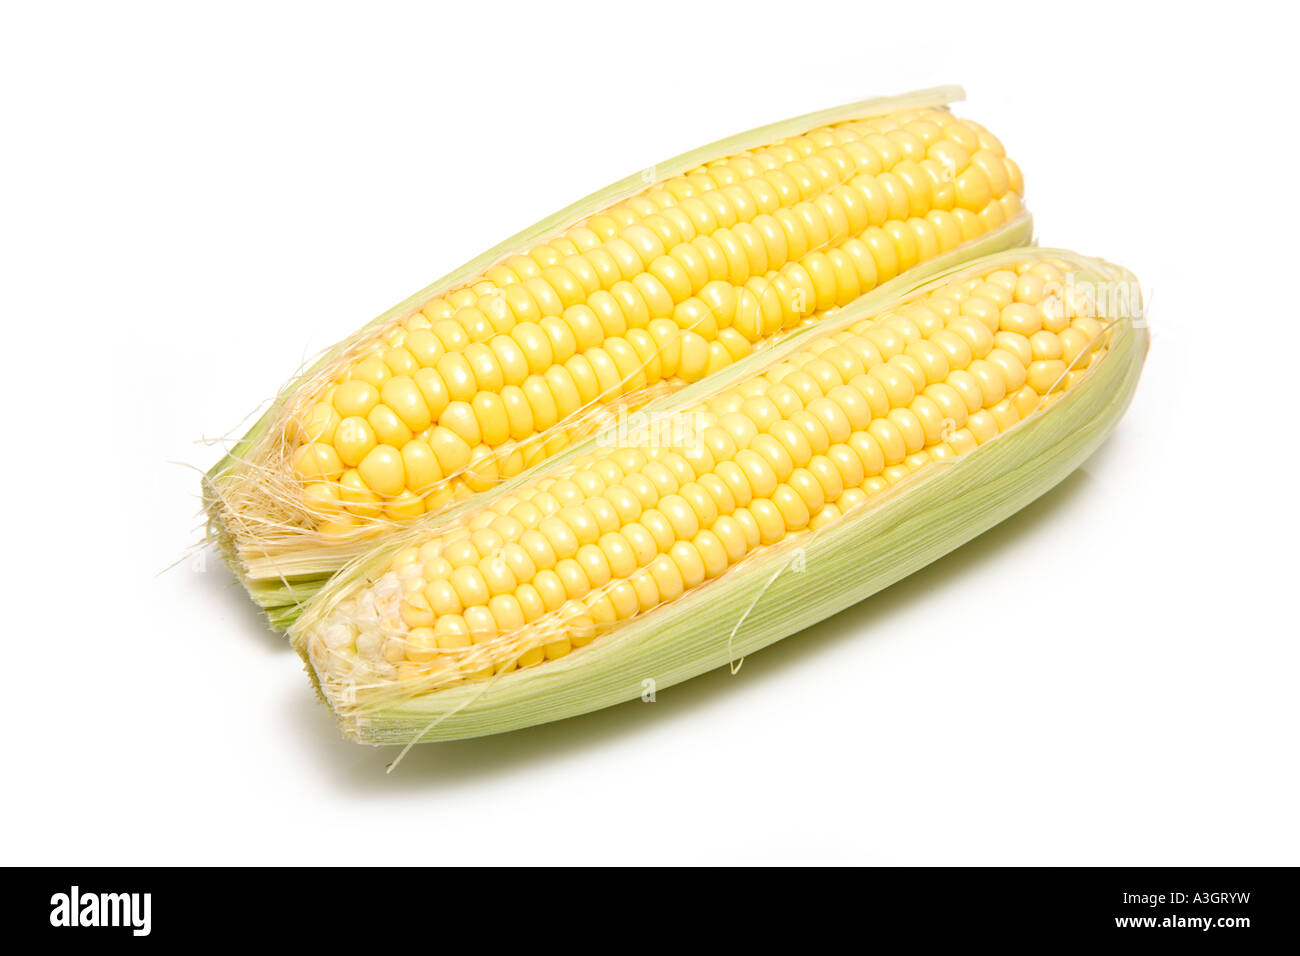 La mazorca de maíz aislado sobre un fondo blanco studio. Imagen De Stock